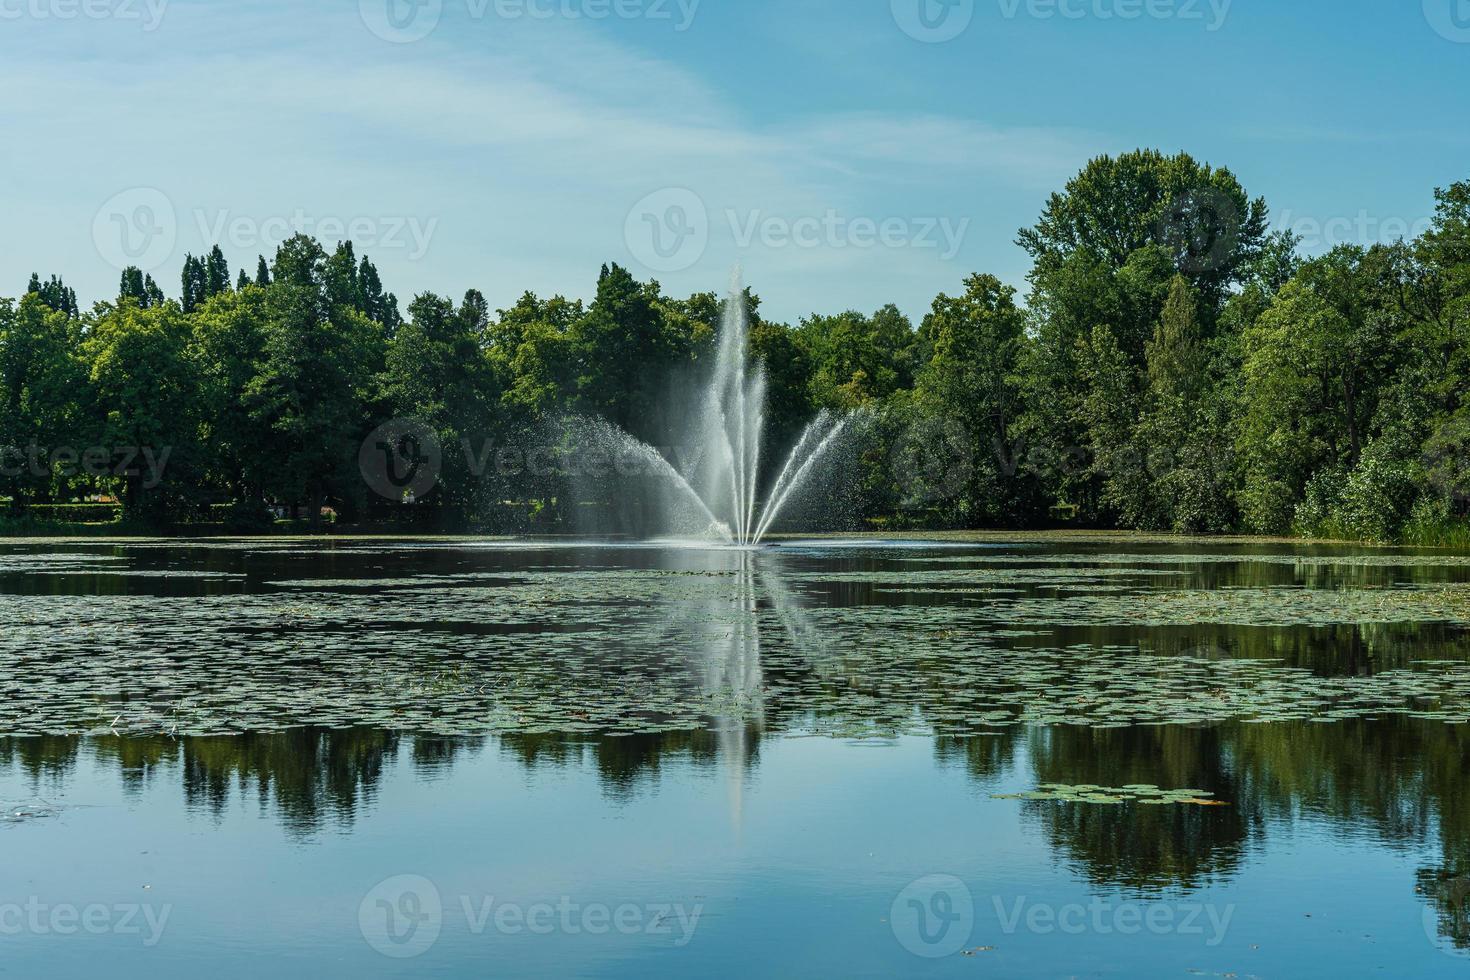 fontana che spruzza acqua in uno stagno foto